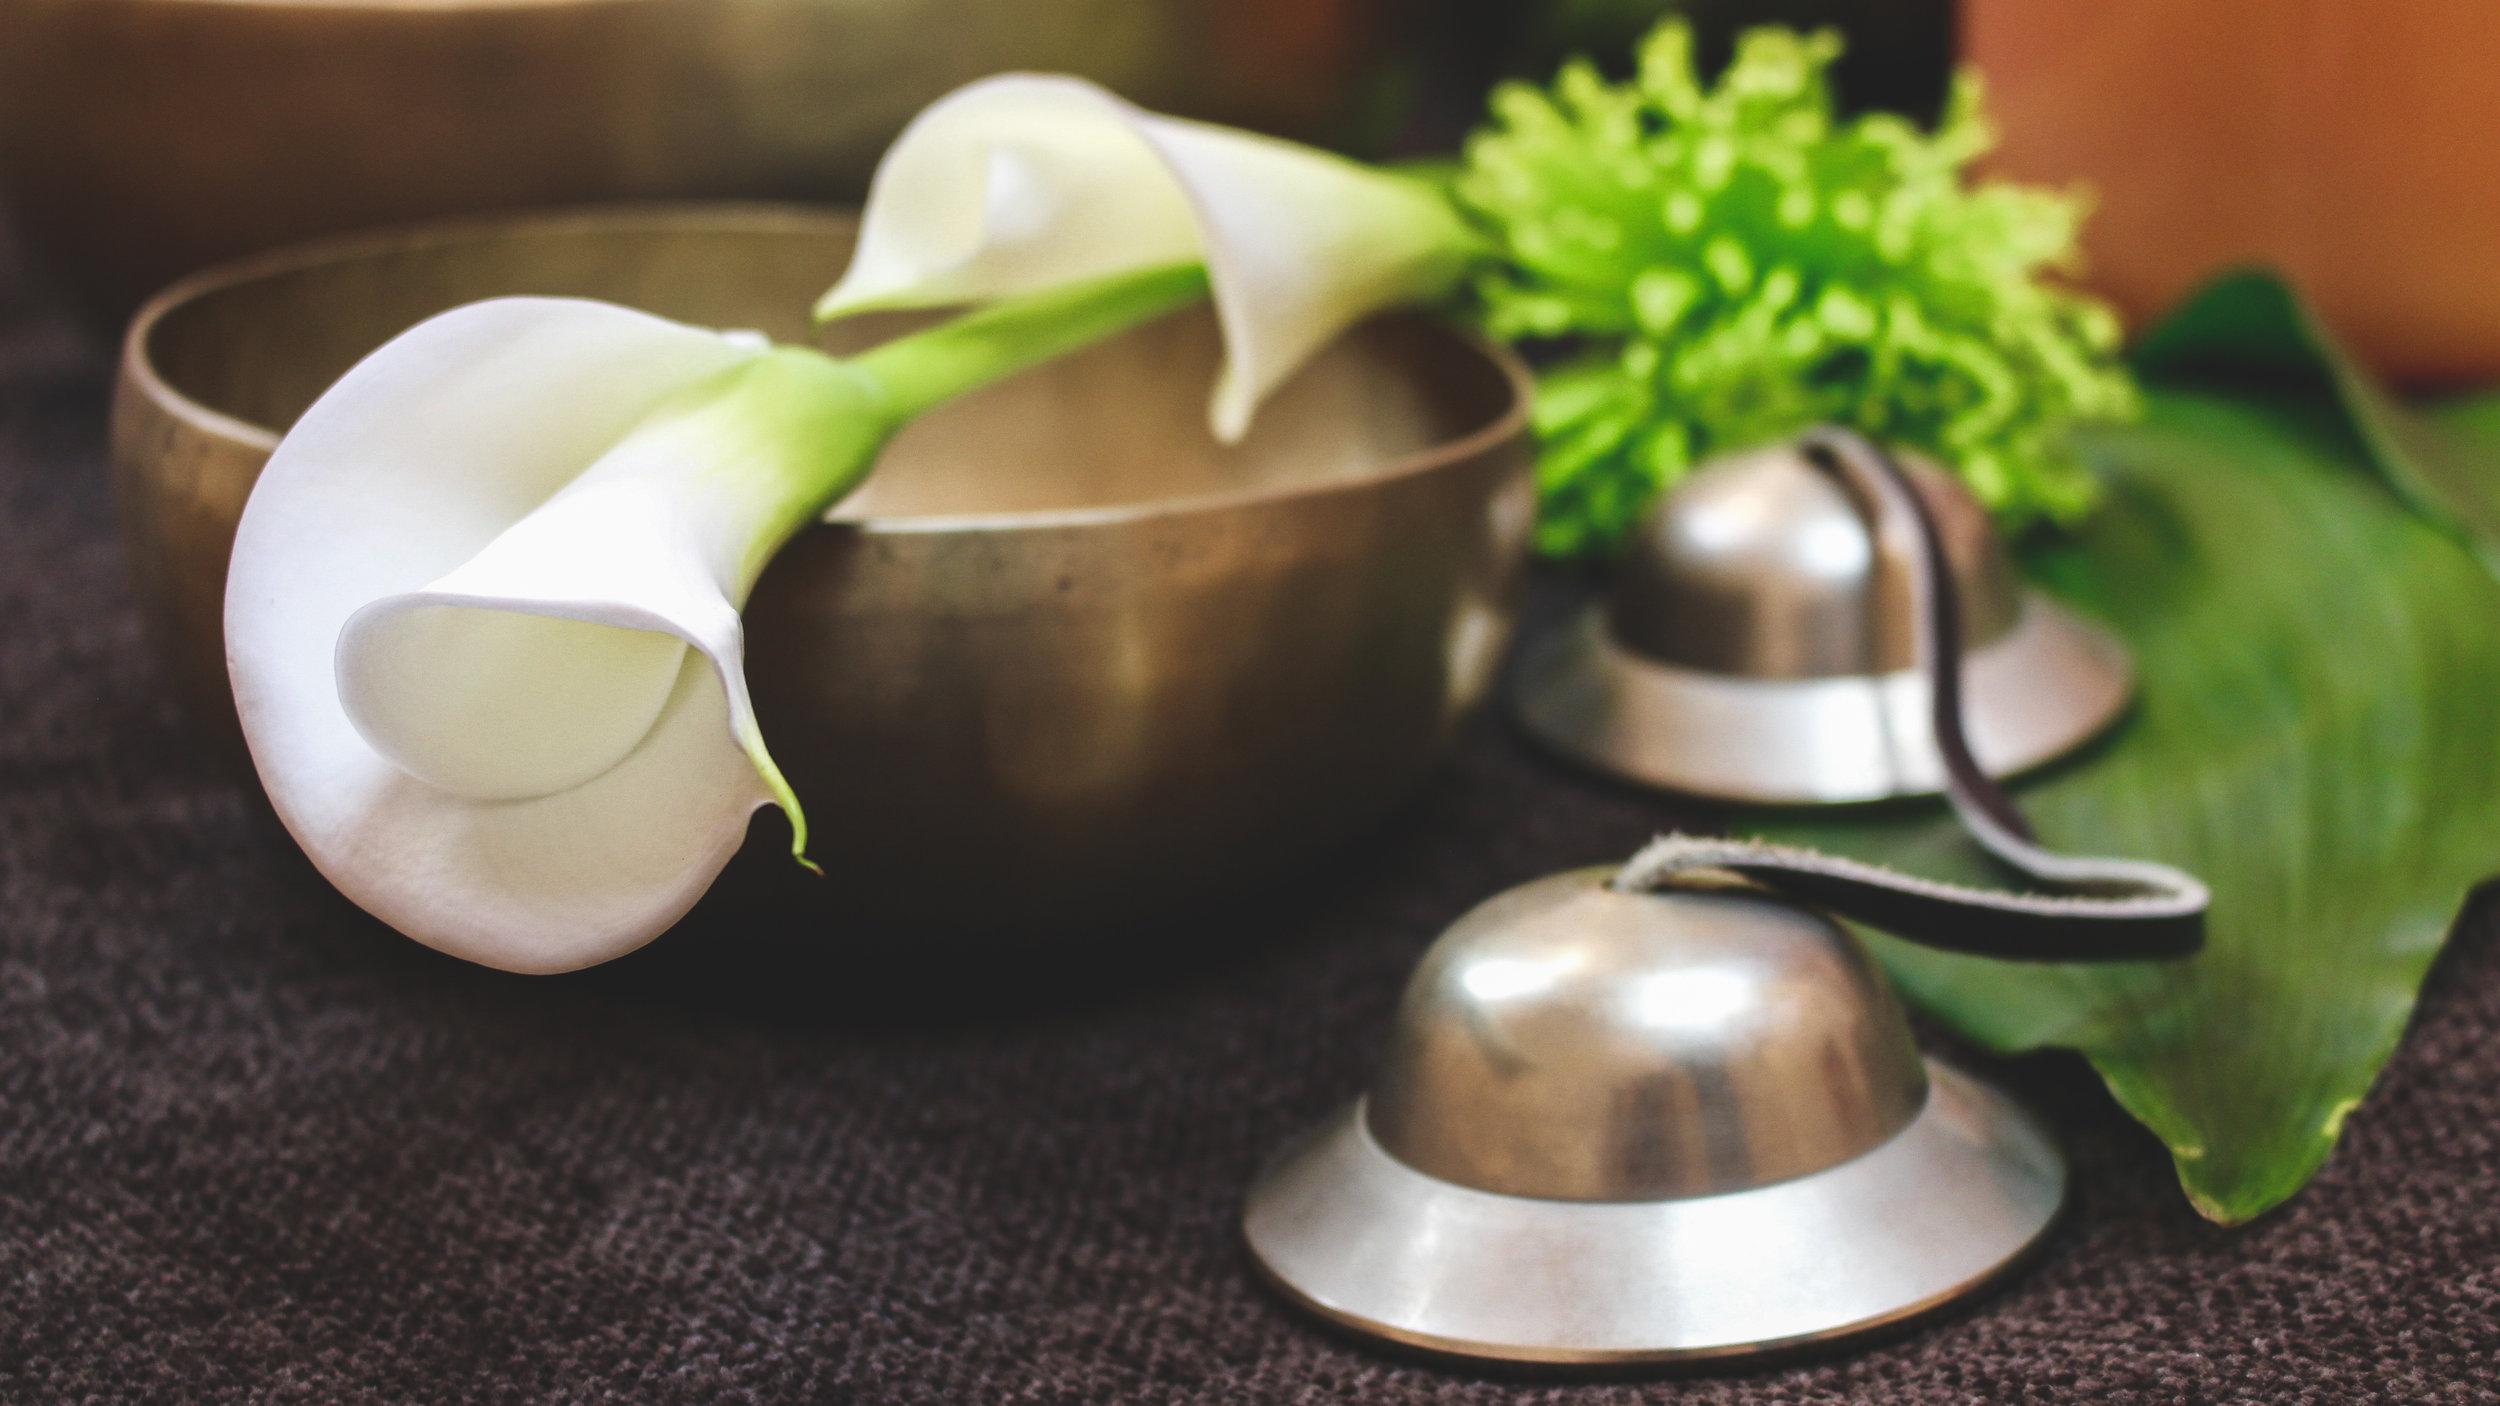 Blume und Klangschalen auf grauer Decke